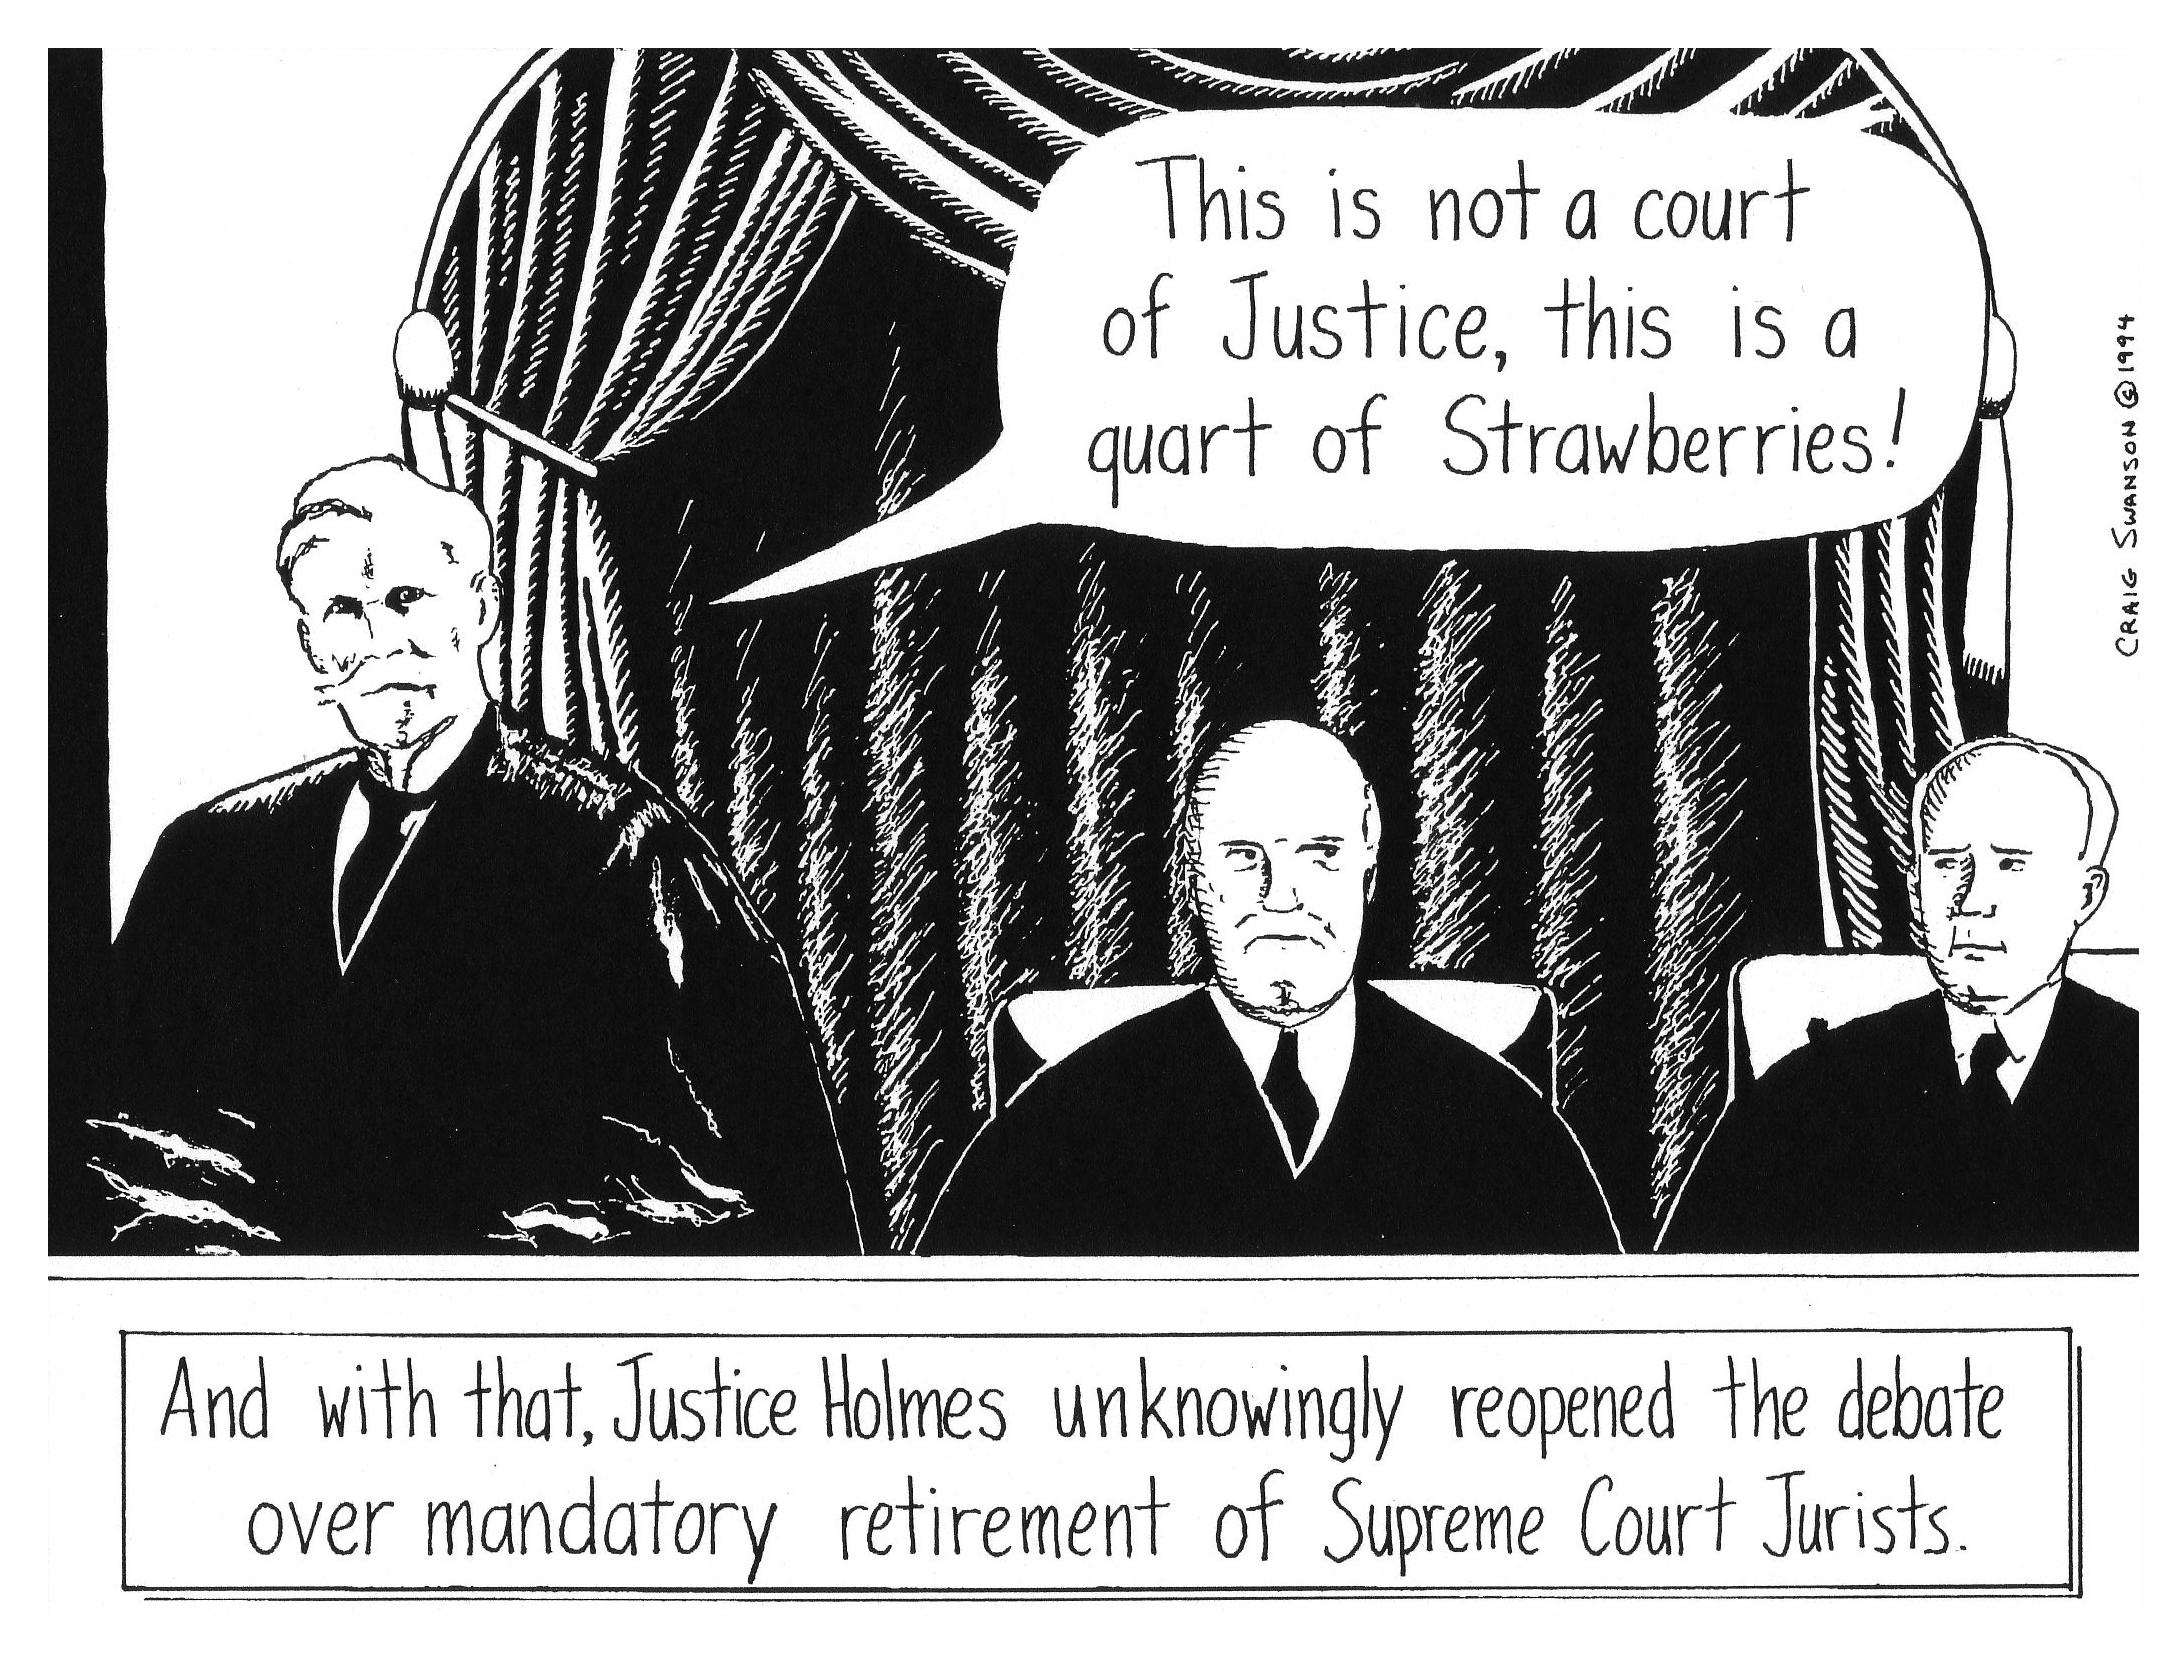 Justice Holmes